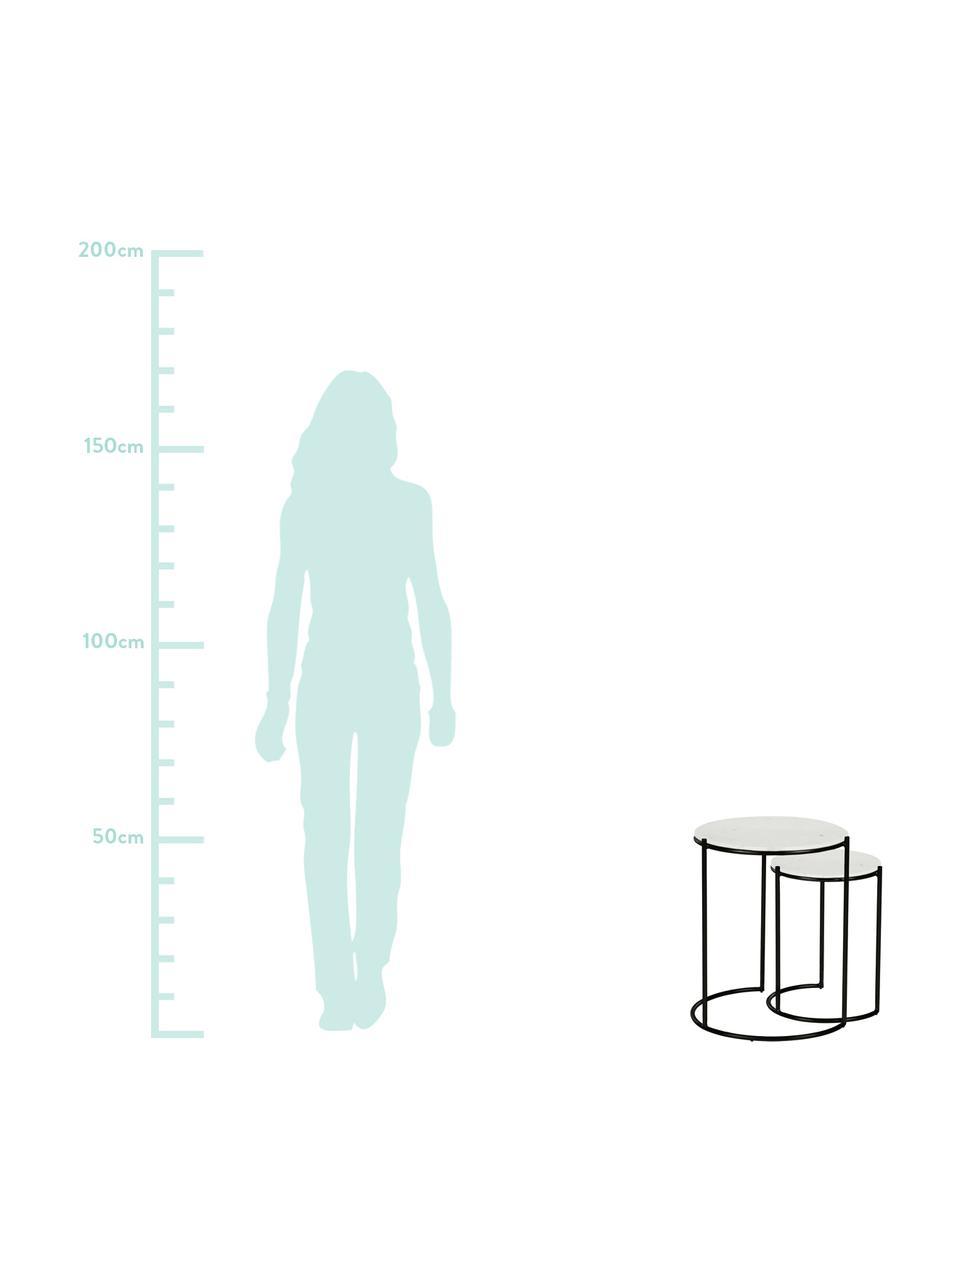 Komplet stolików pomocniczych z marmuru Ella, Blat: marmur, Stelaż: metal malowany proszkowo, Blat: biały marmur Stelaż: czarny, matowy, Komplet z różnymi rozmiarami